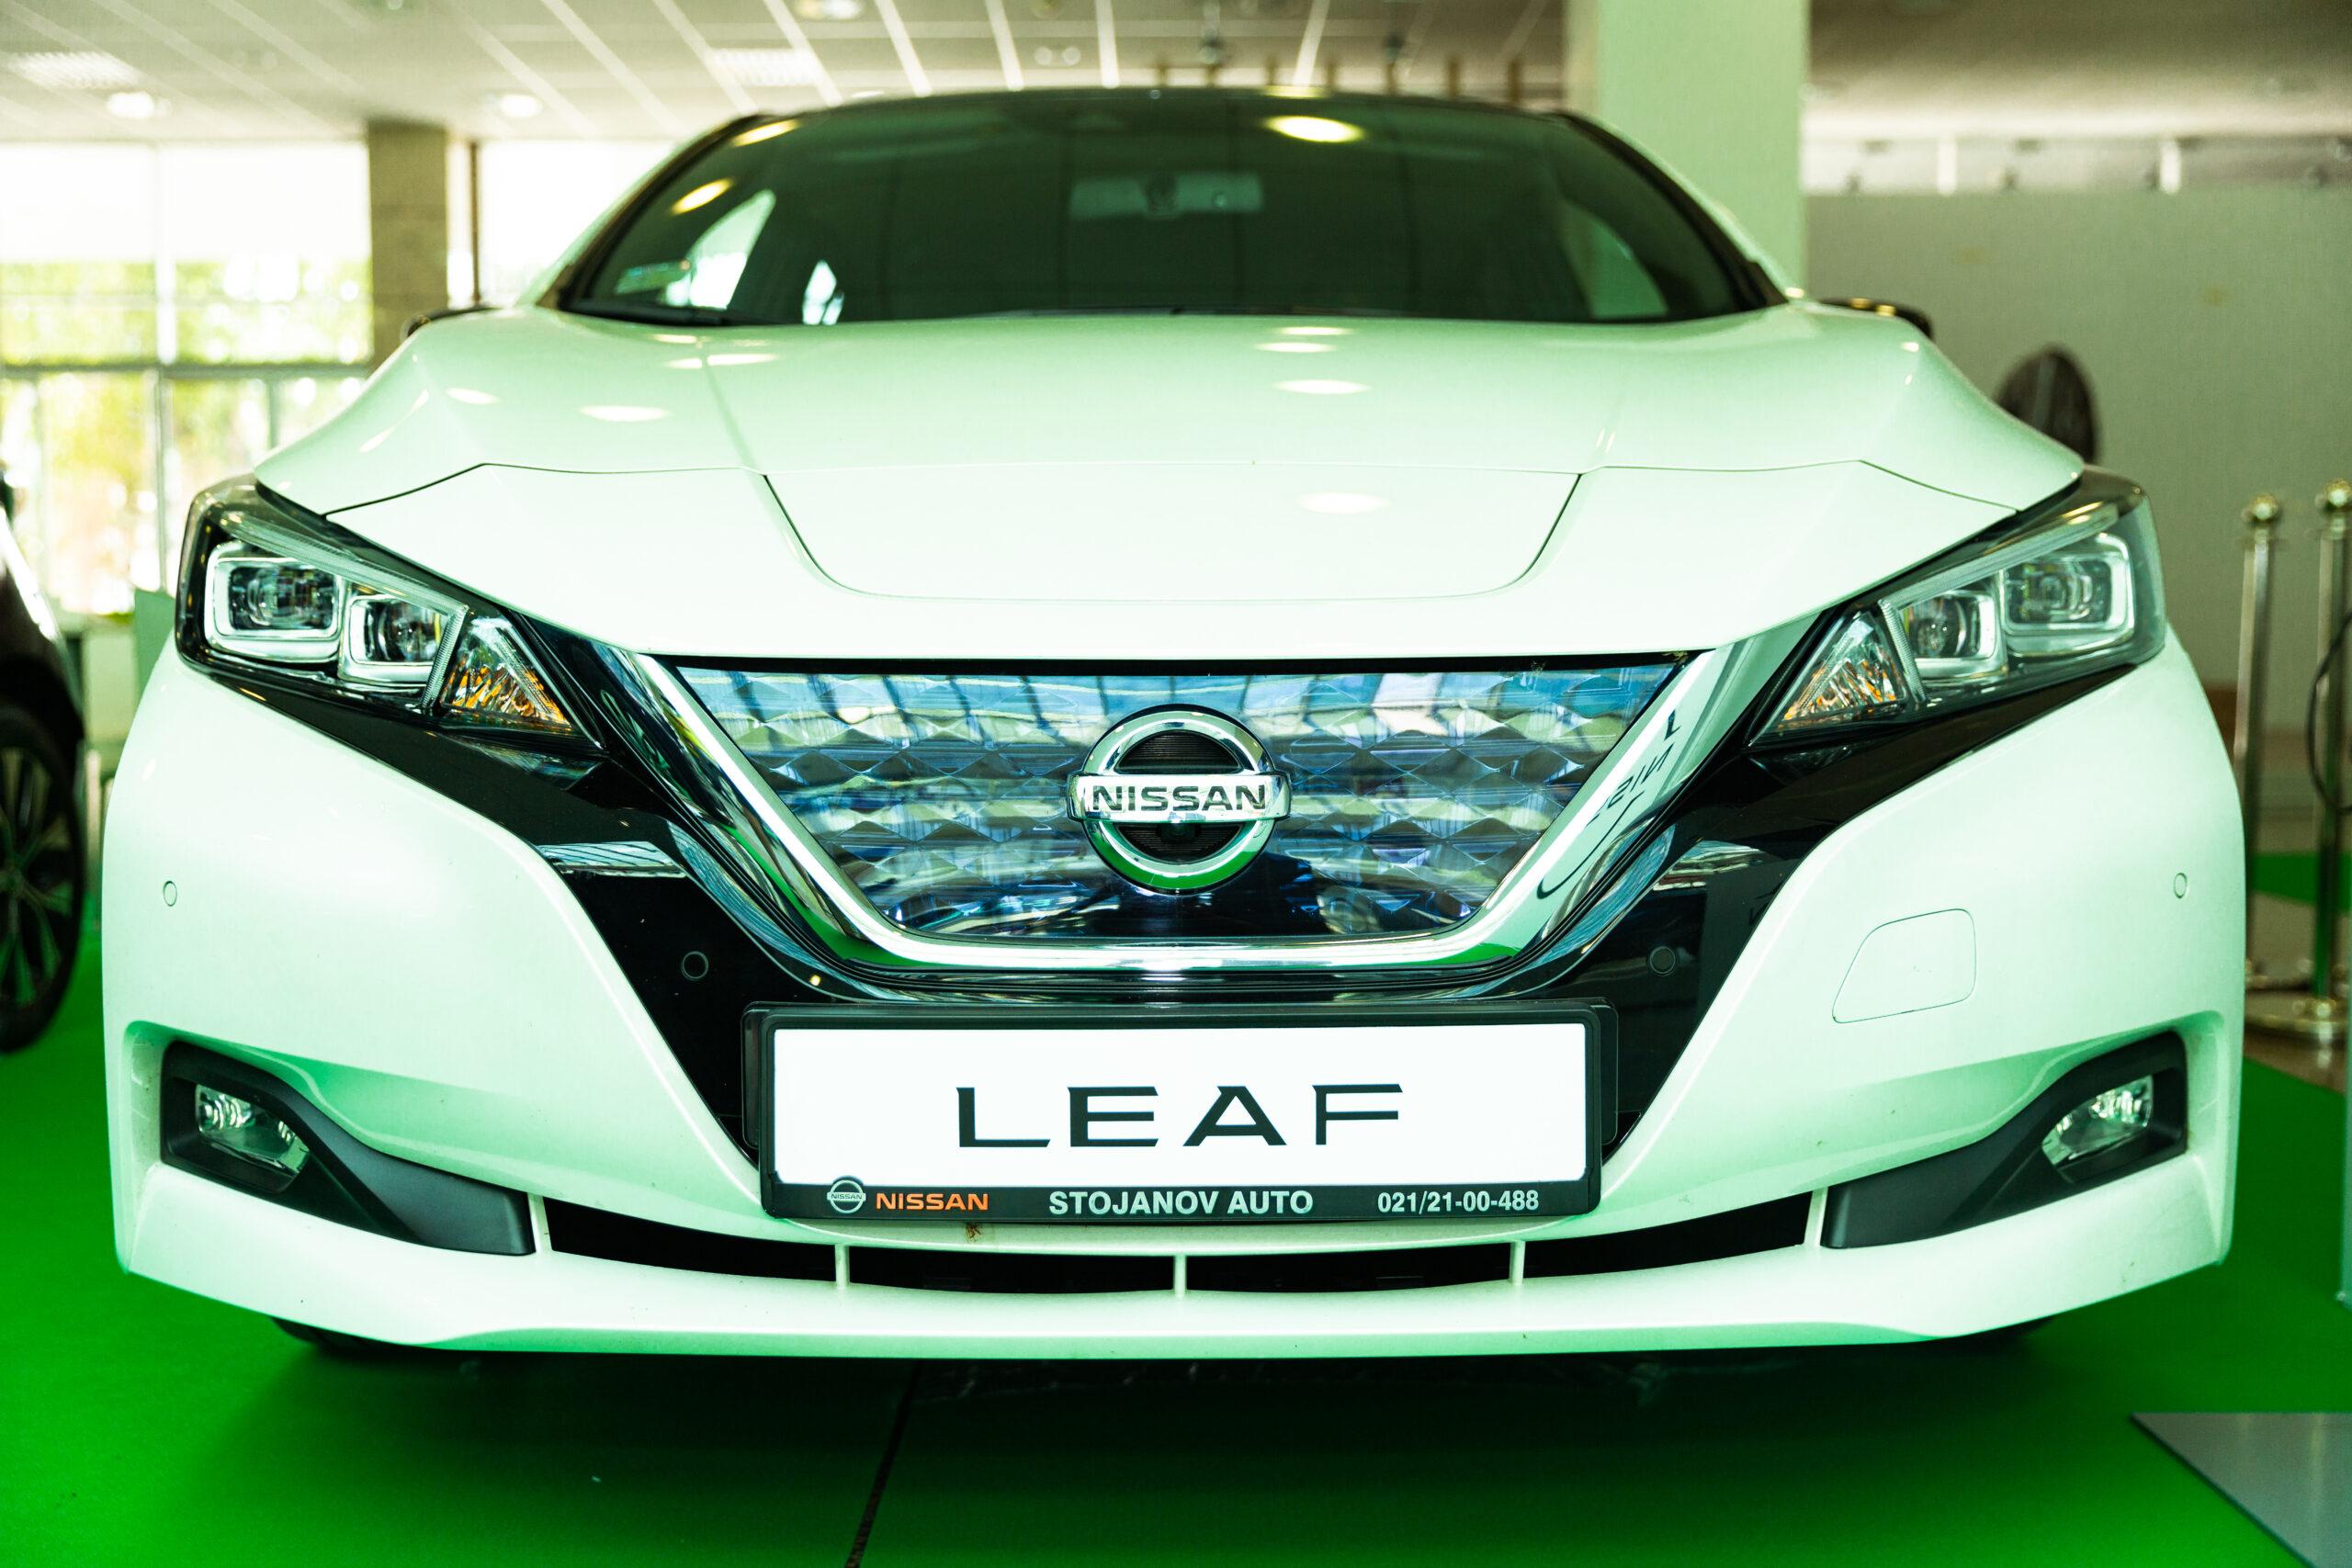 Nissan LEAF StojanovAuto